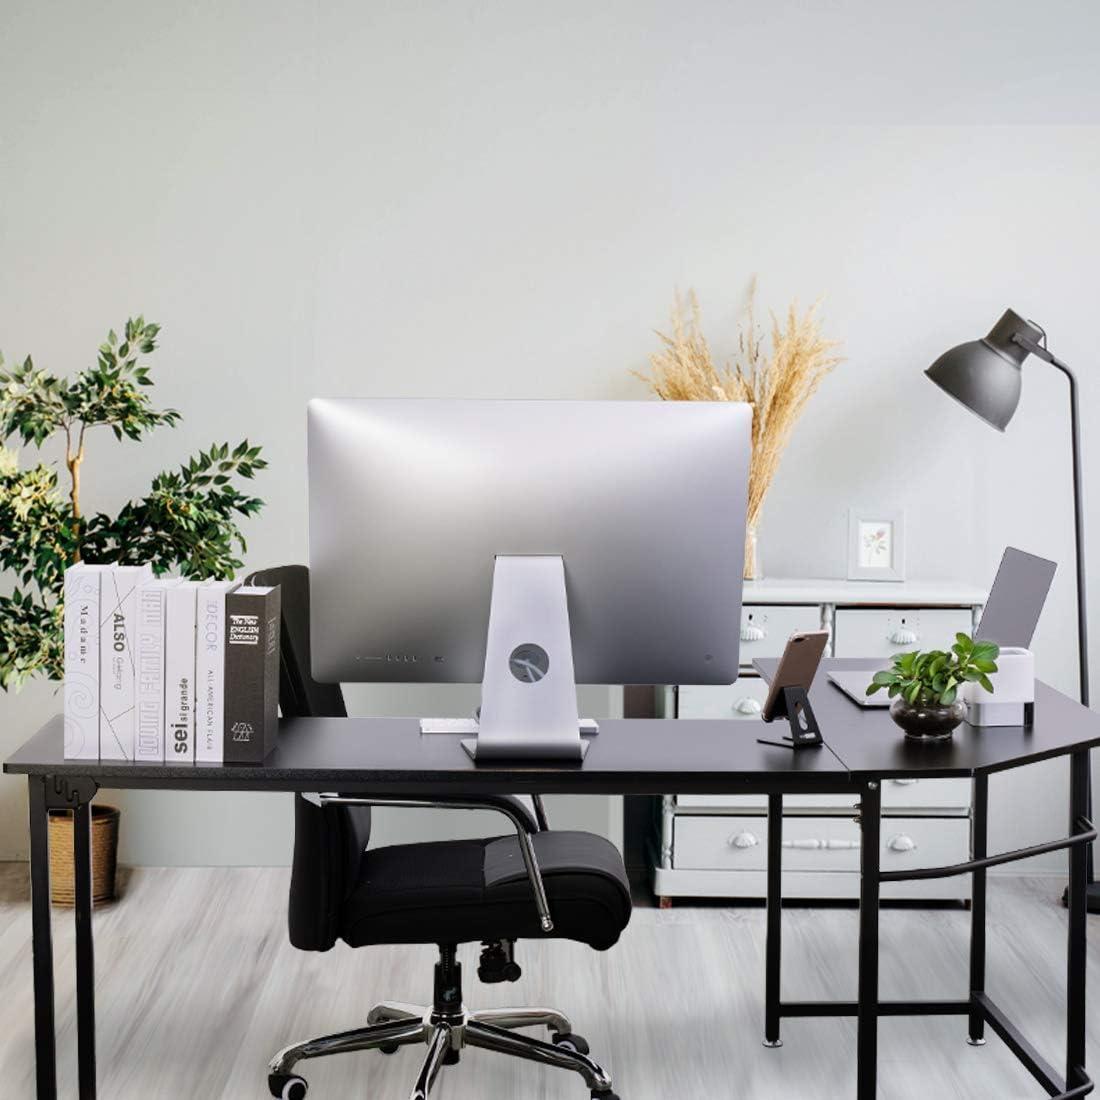 VIVOHOME L-Shaped Desk, Modern Corner Computer Desk, Study Writing Table Workstation for Home Office, Black